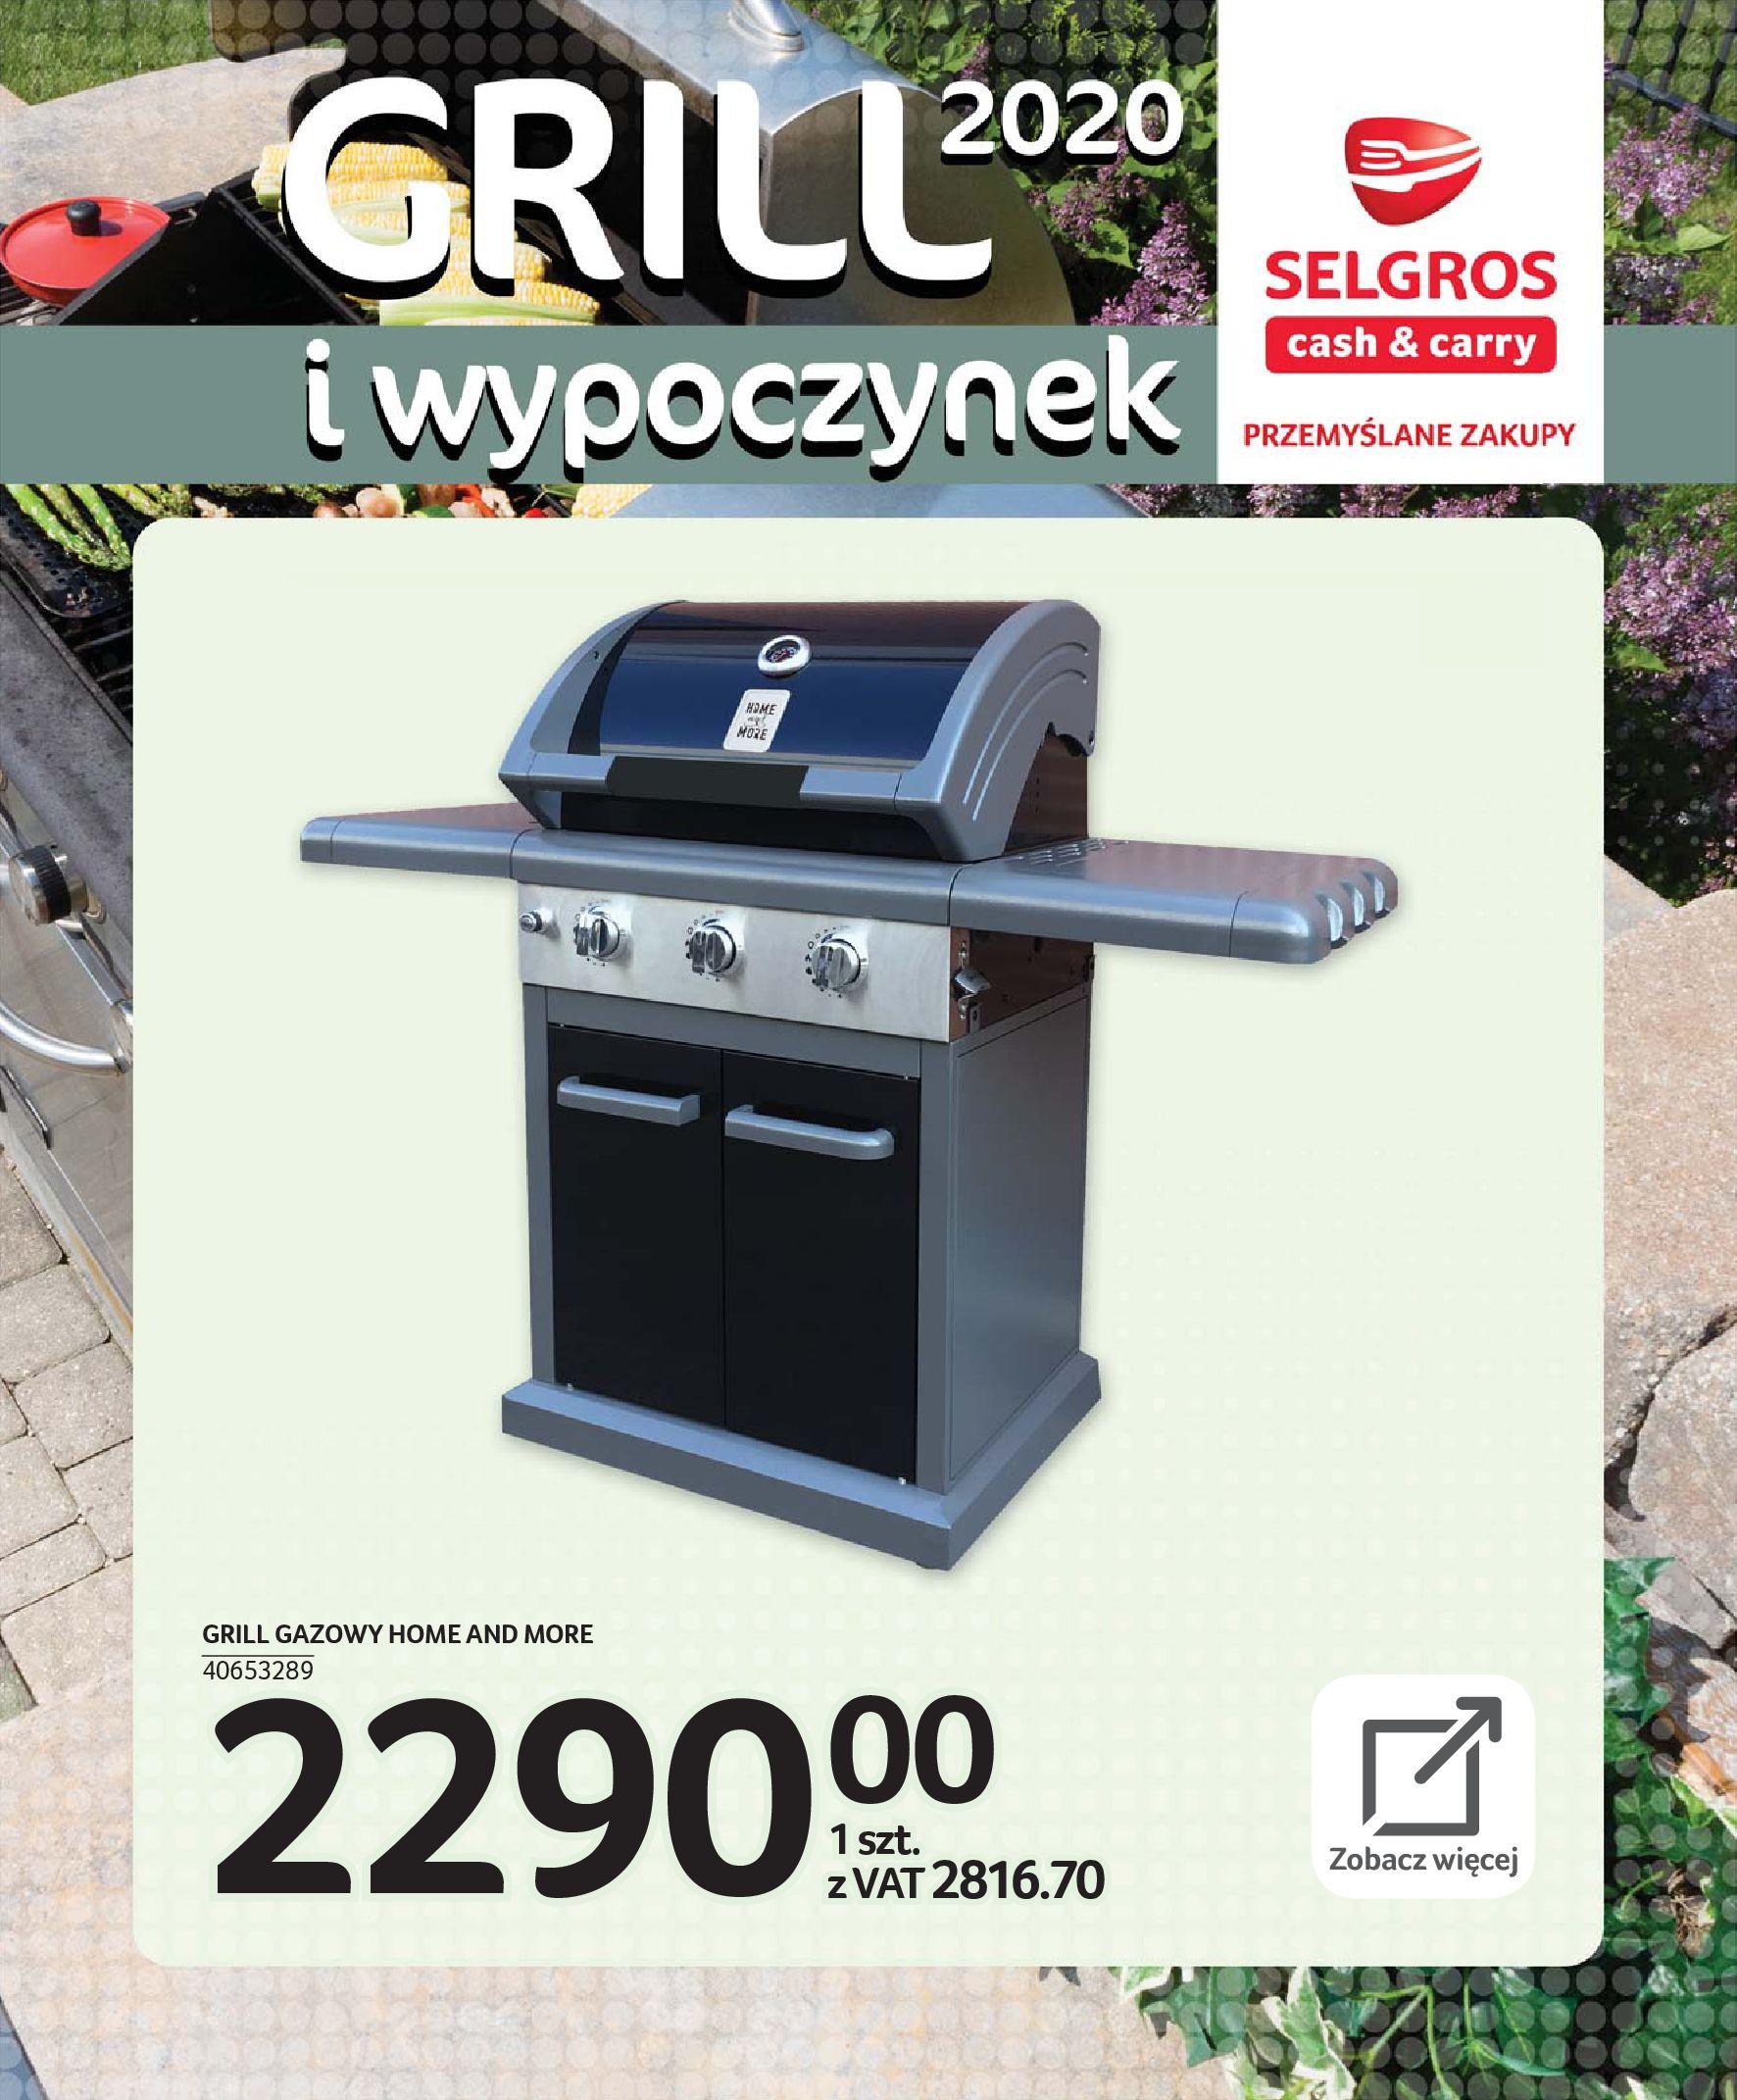 Gazetka Selgros - Katalog - Grill i wypoczynek-31.03.2020-31.08.2020-page-48